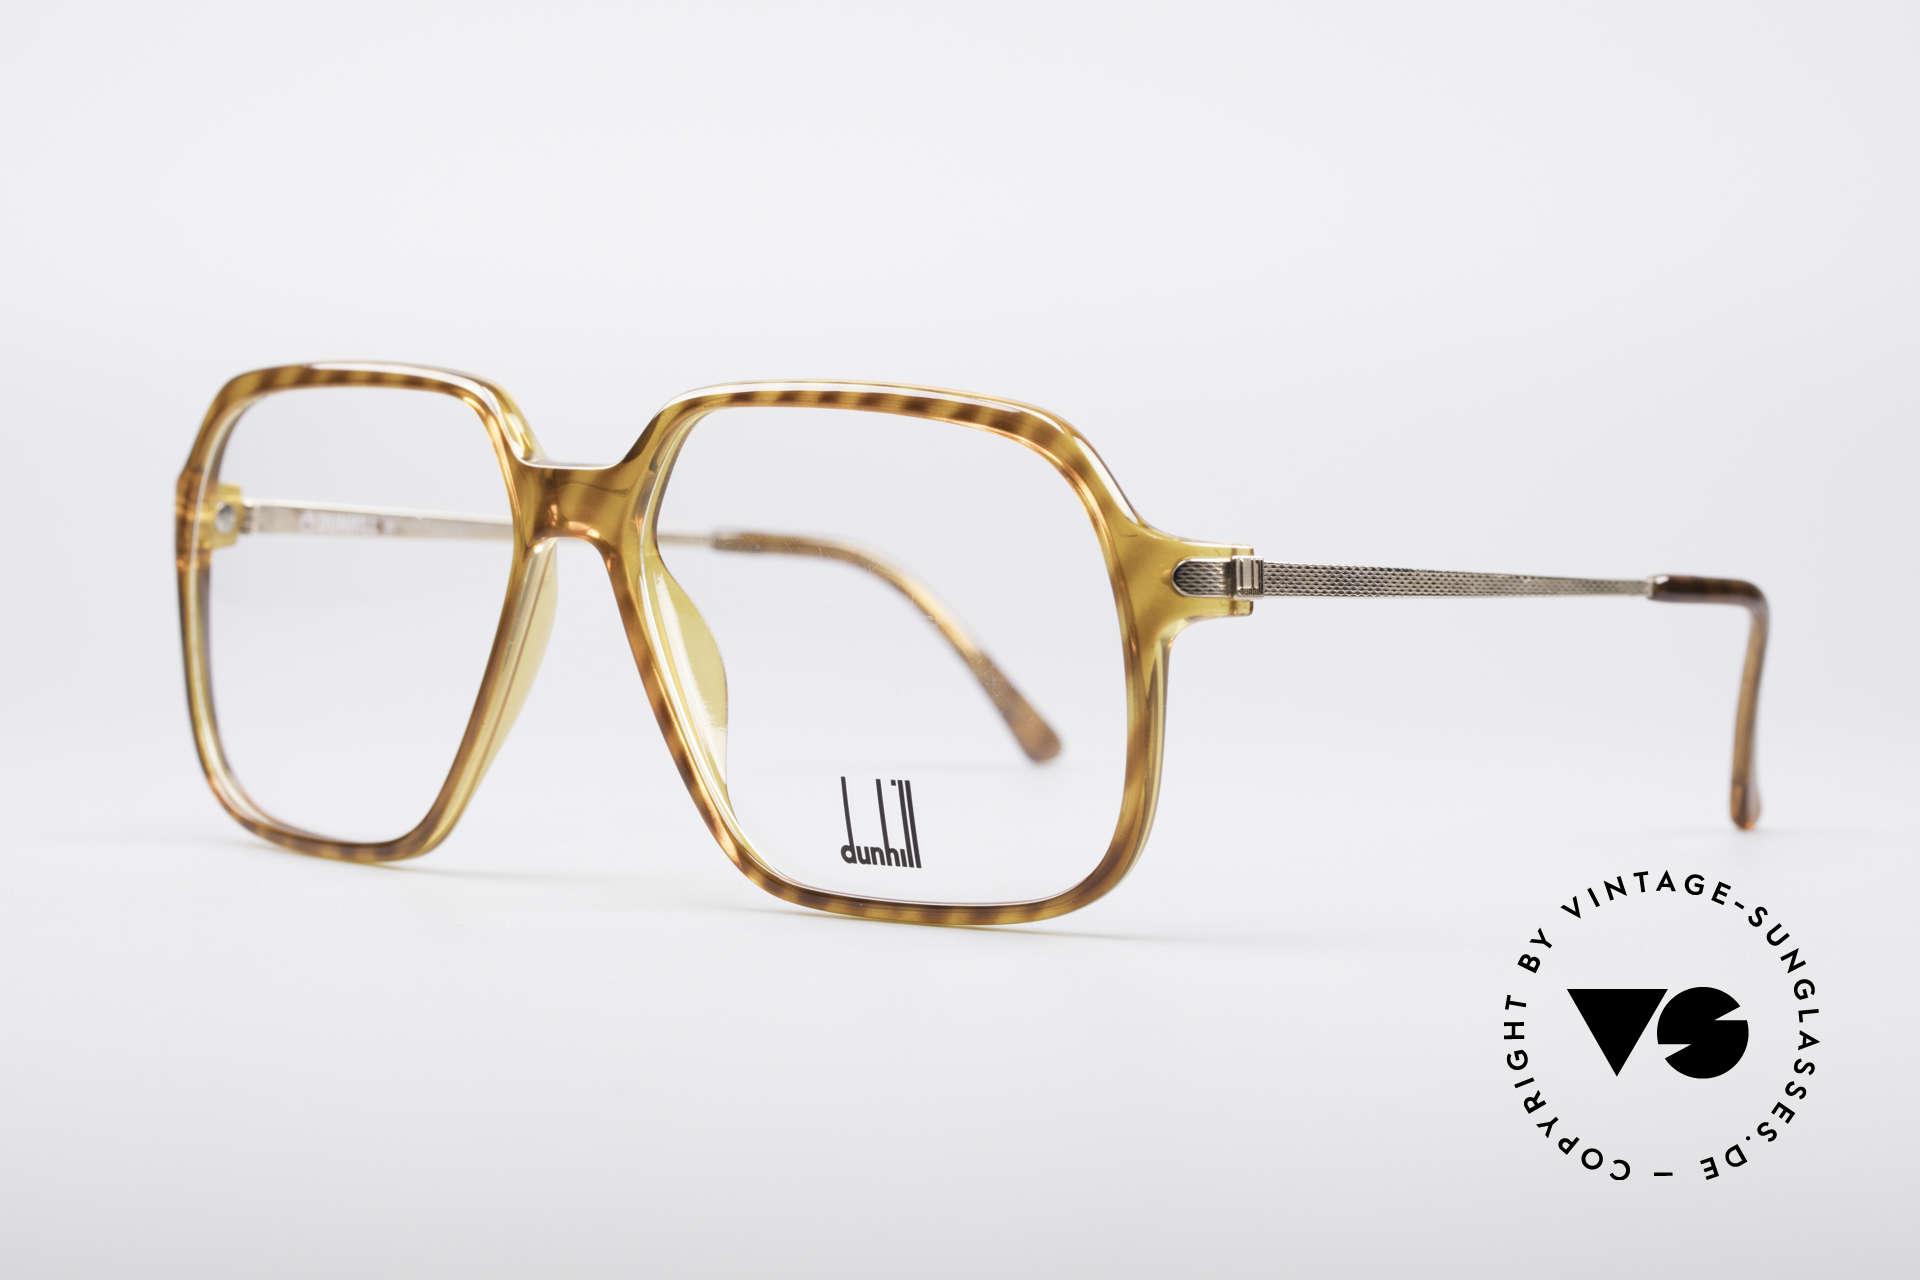 Dunhill 6108 Jay Z Hip Hop Vintage Brille, dennoch leicht & komfortabel, da Optyl Material, Passend für Herren